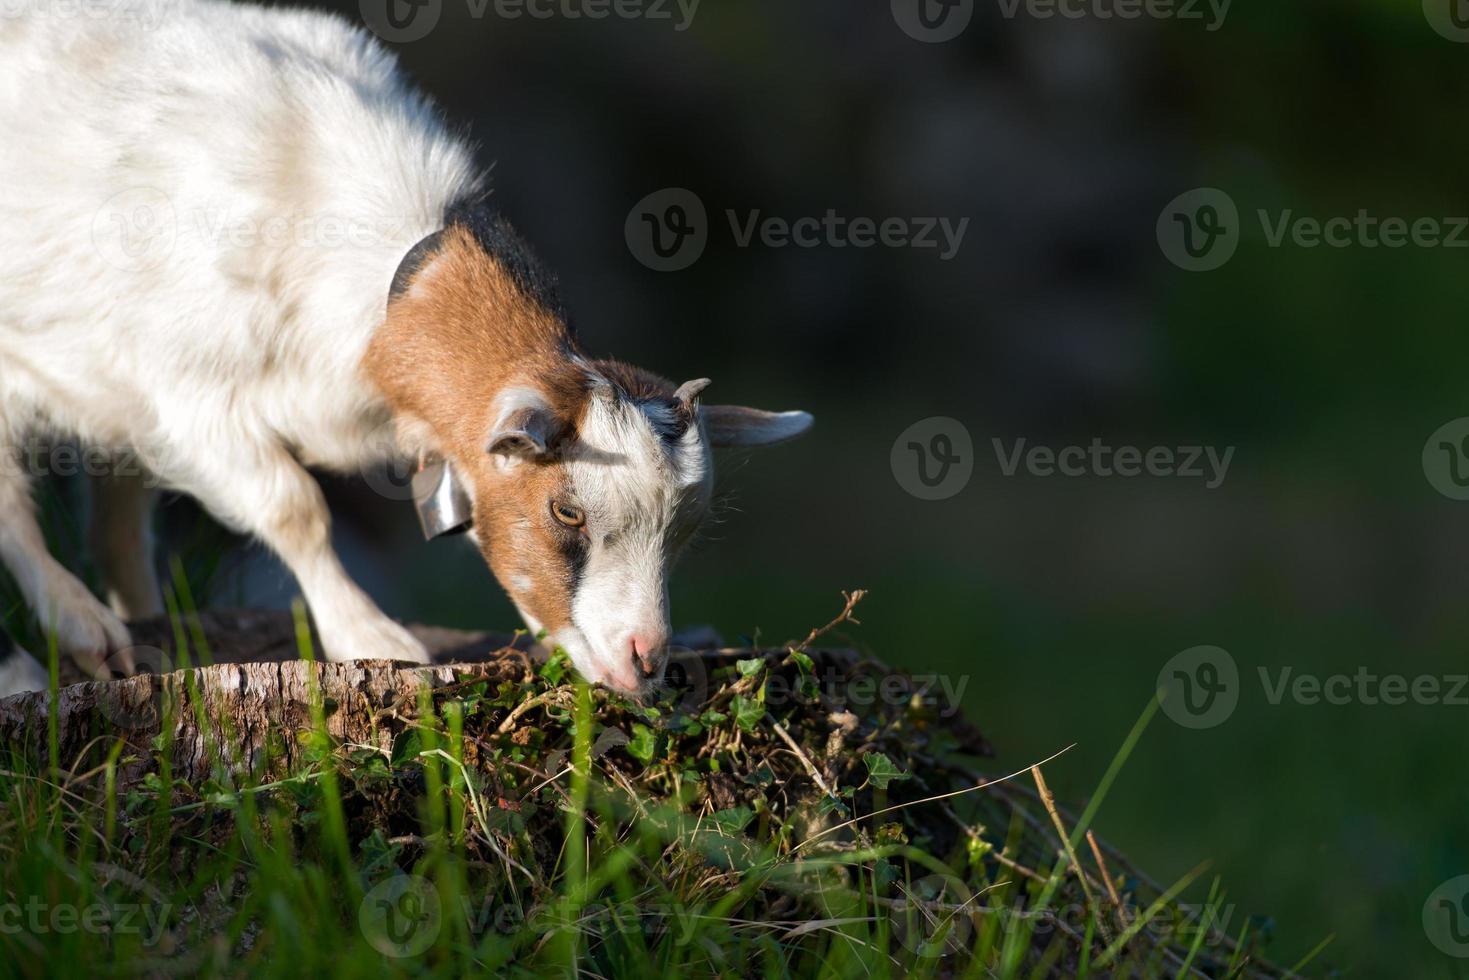 kleine geiten grazen foto